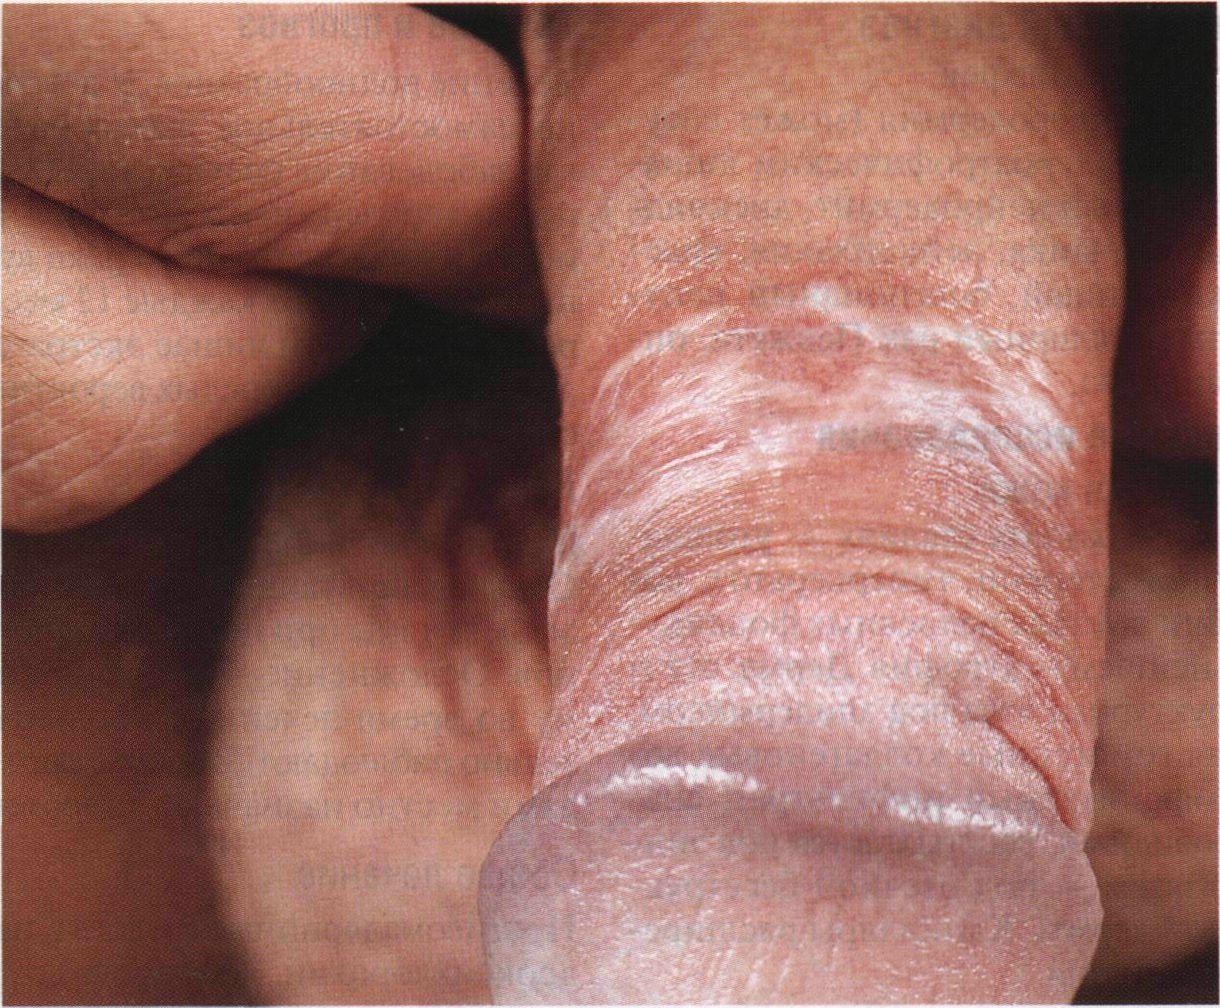 Рак кожи на пенисе фото 4 фотография